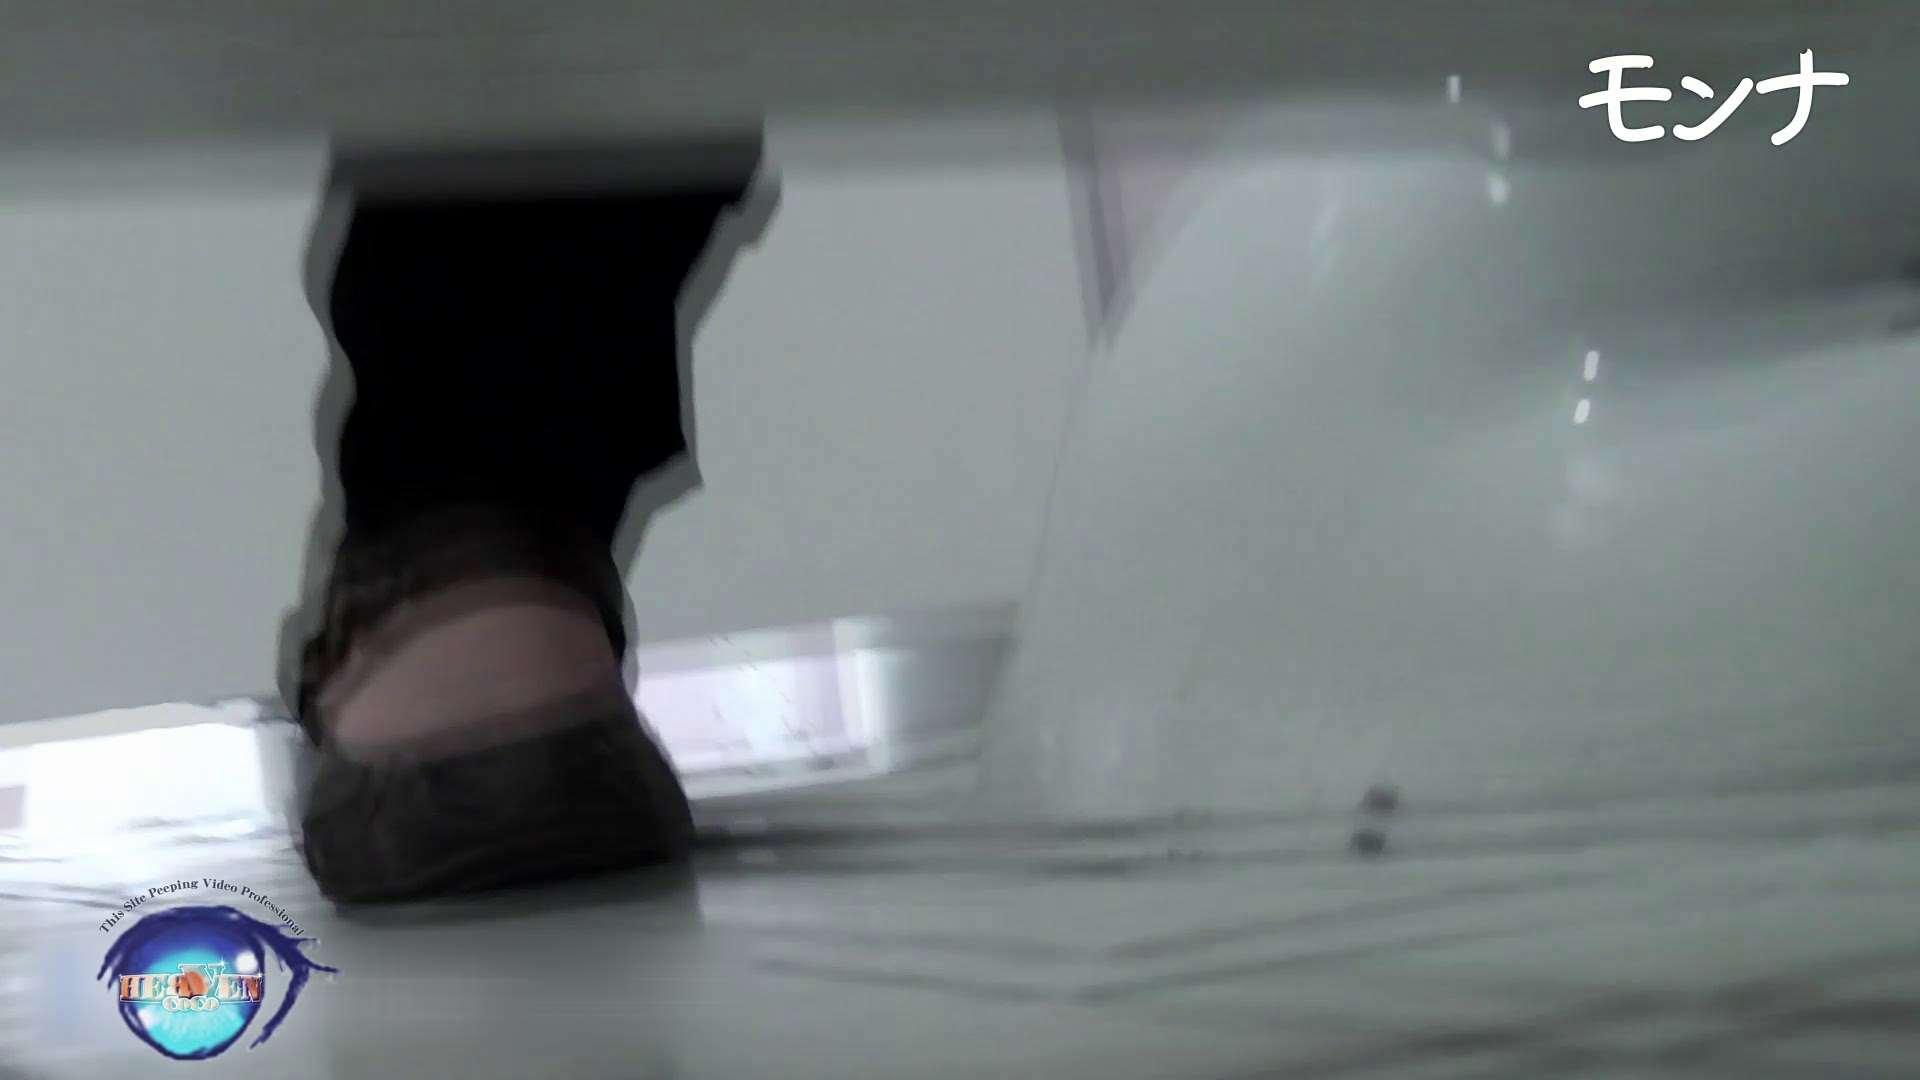 美しい日本の未来 No.85 トイレの中の女の子   盗撮大放出  43連発 29